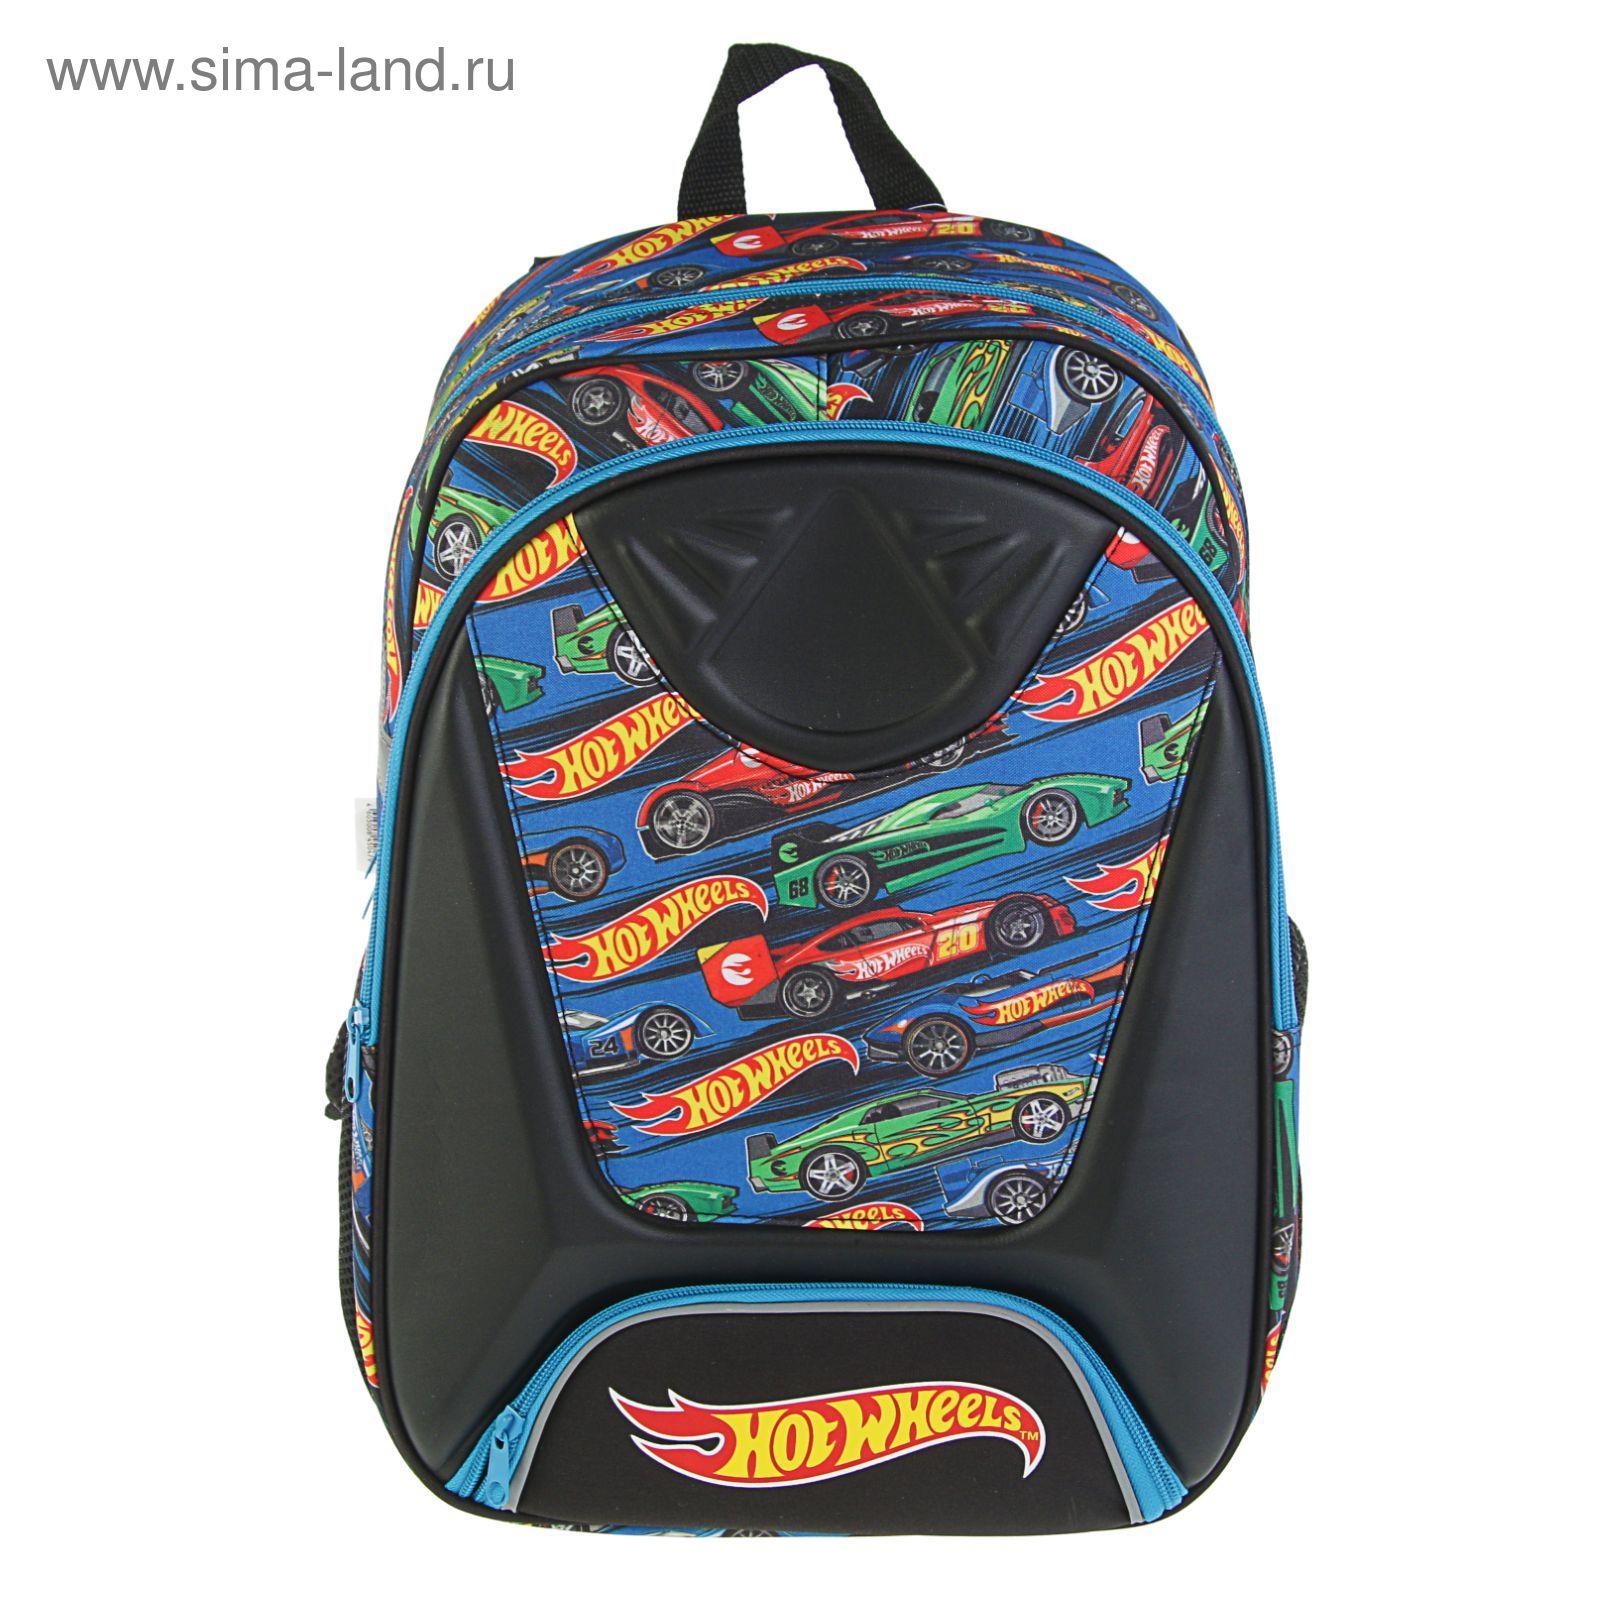 62067122dcc4 Рюкзак школьный для мальчика Hot Wheels 41*30*13 2 отделения, в подарок